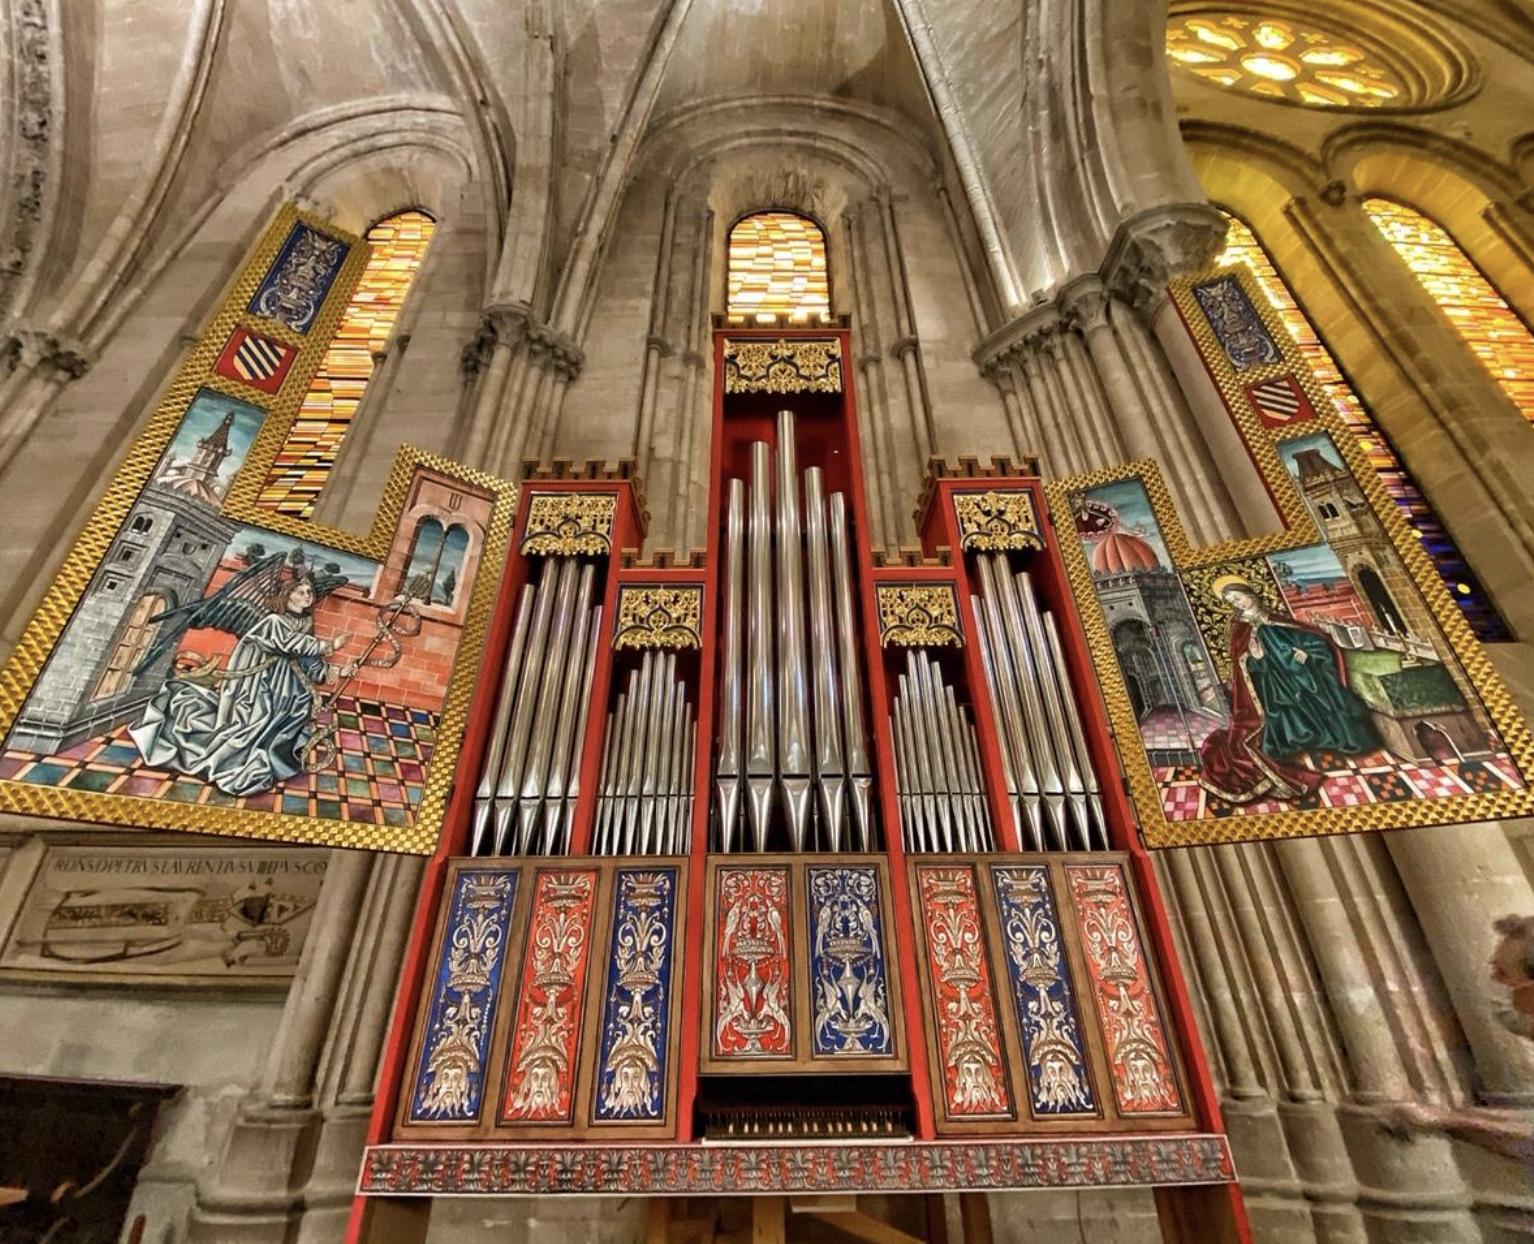 órgano Anaya Salamanca copia